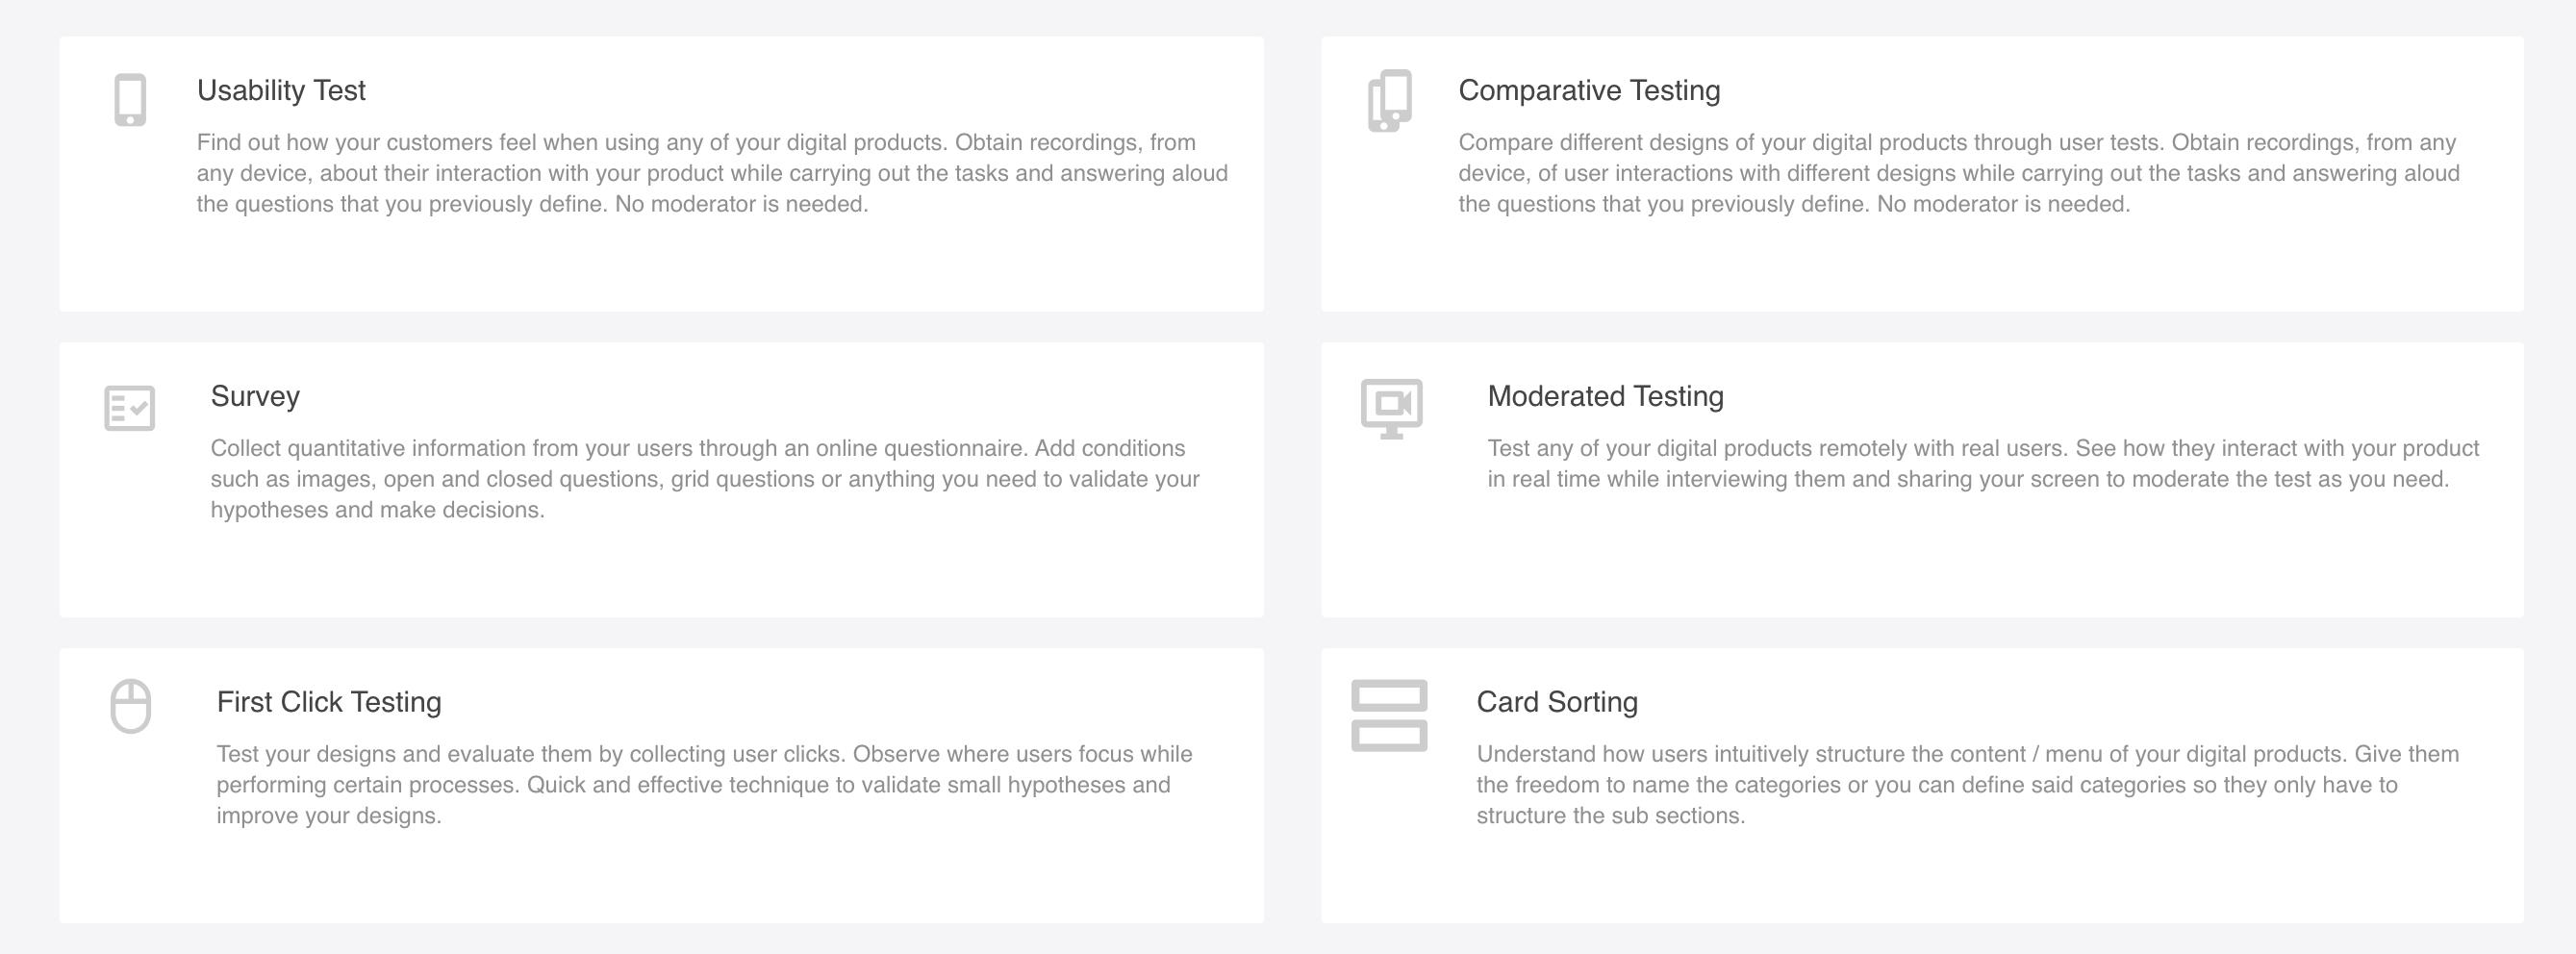 Test type - Checkealos